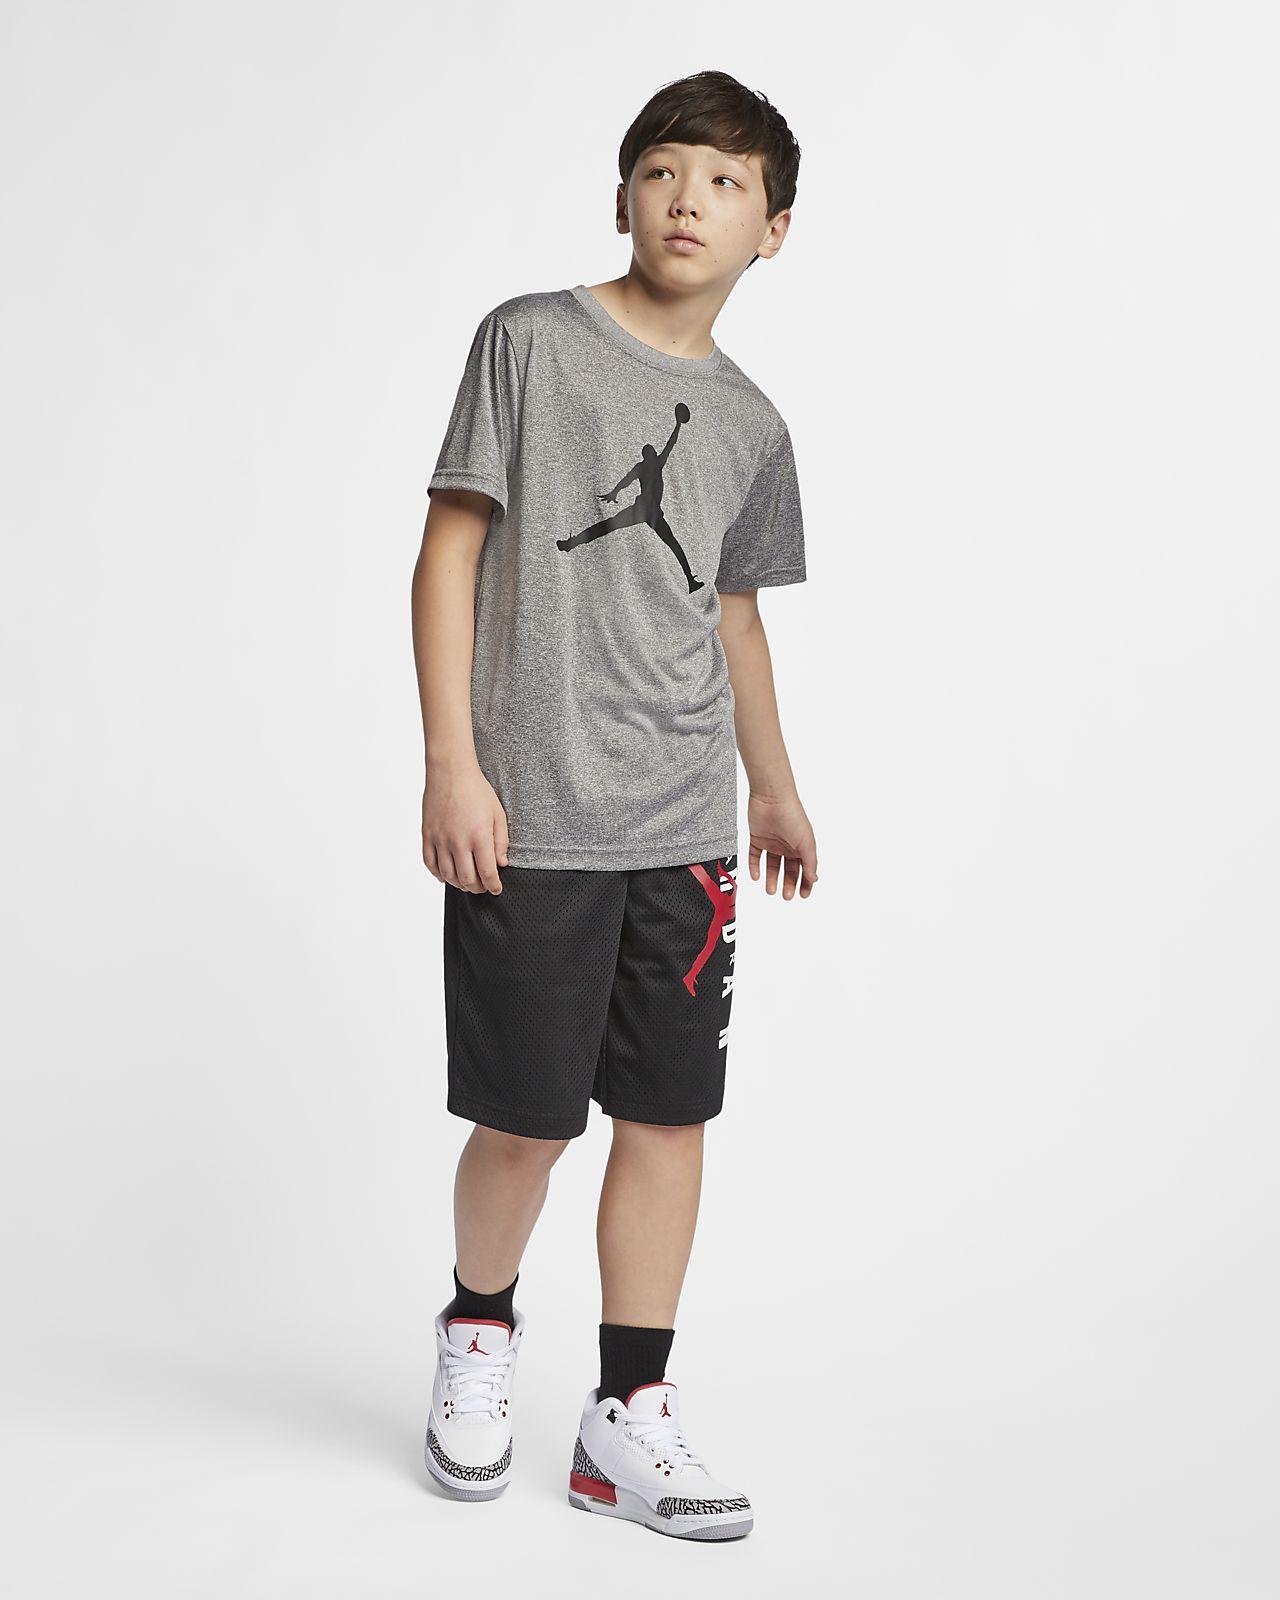 33863baa50c8f6 Jordan Dri-FIT Big Kids  (Boys ) T-Shirt. Nike.com